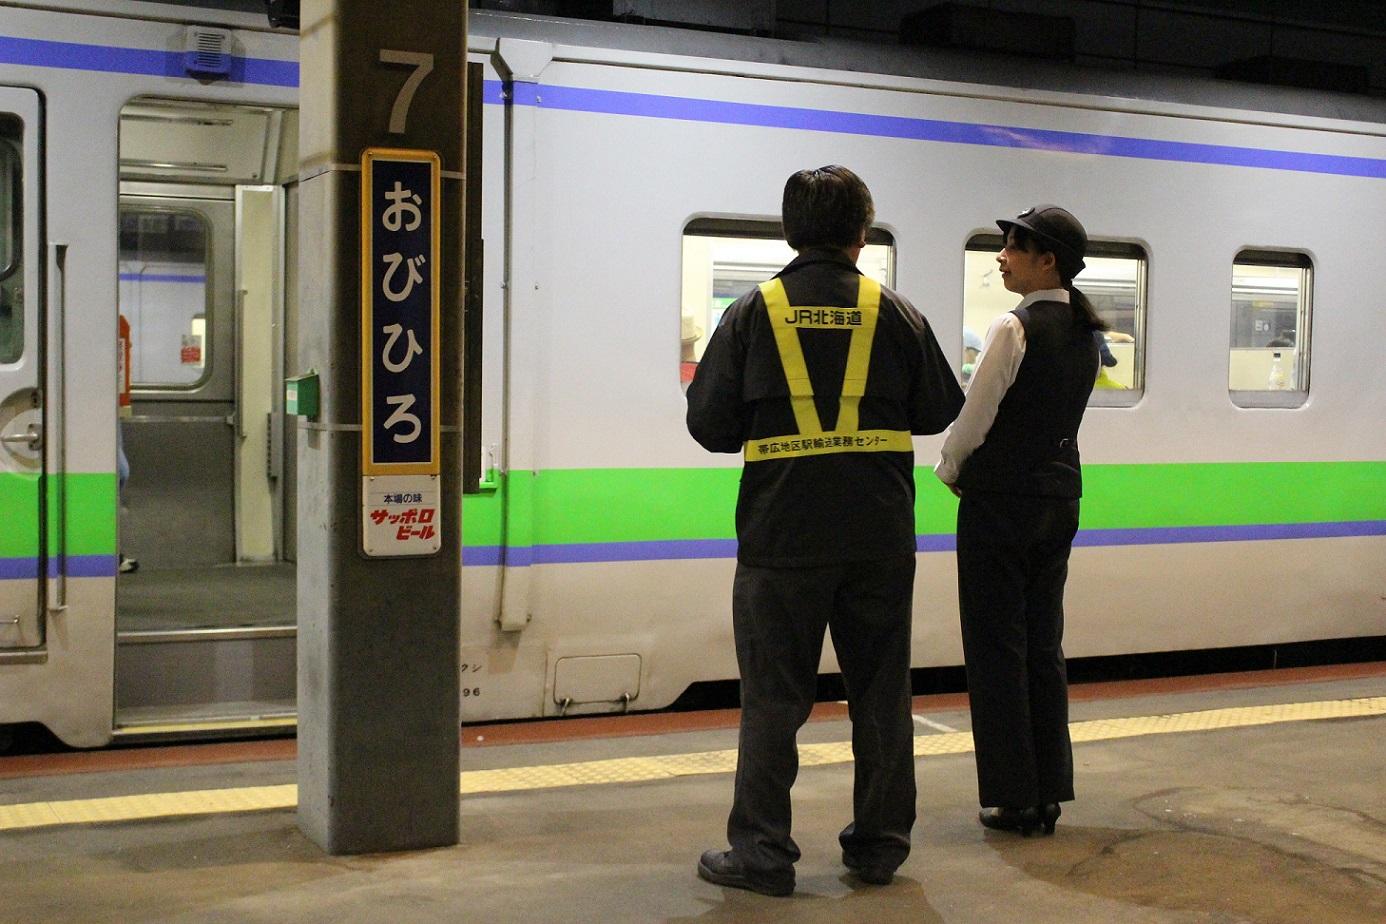 帯広地区駅輸送業務センターn01